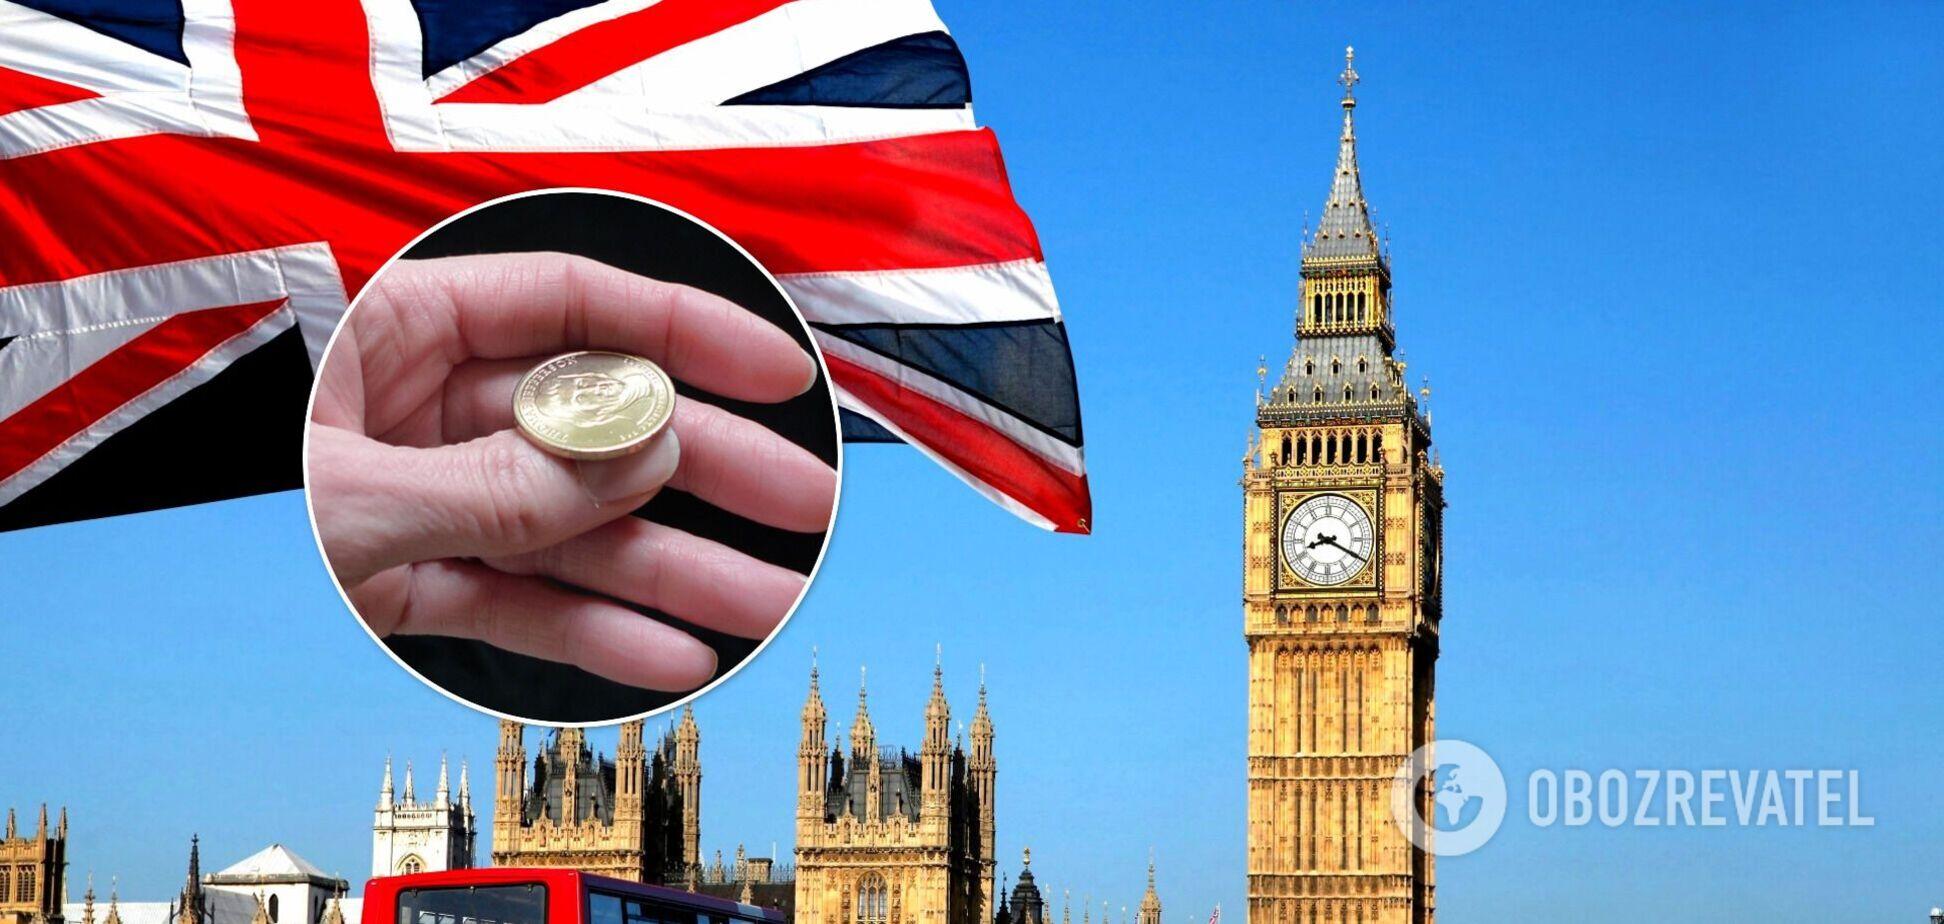 В Англії переможця місцевих виборів визначили підкиданням монетки